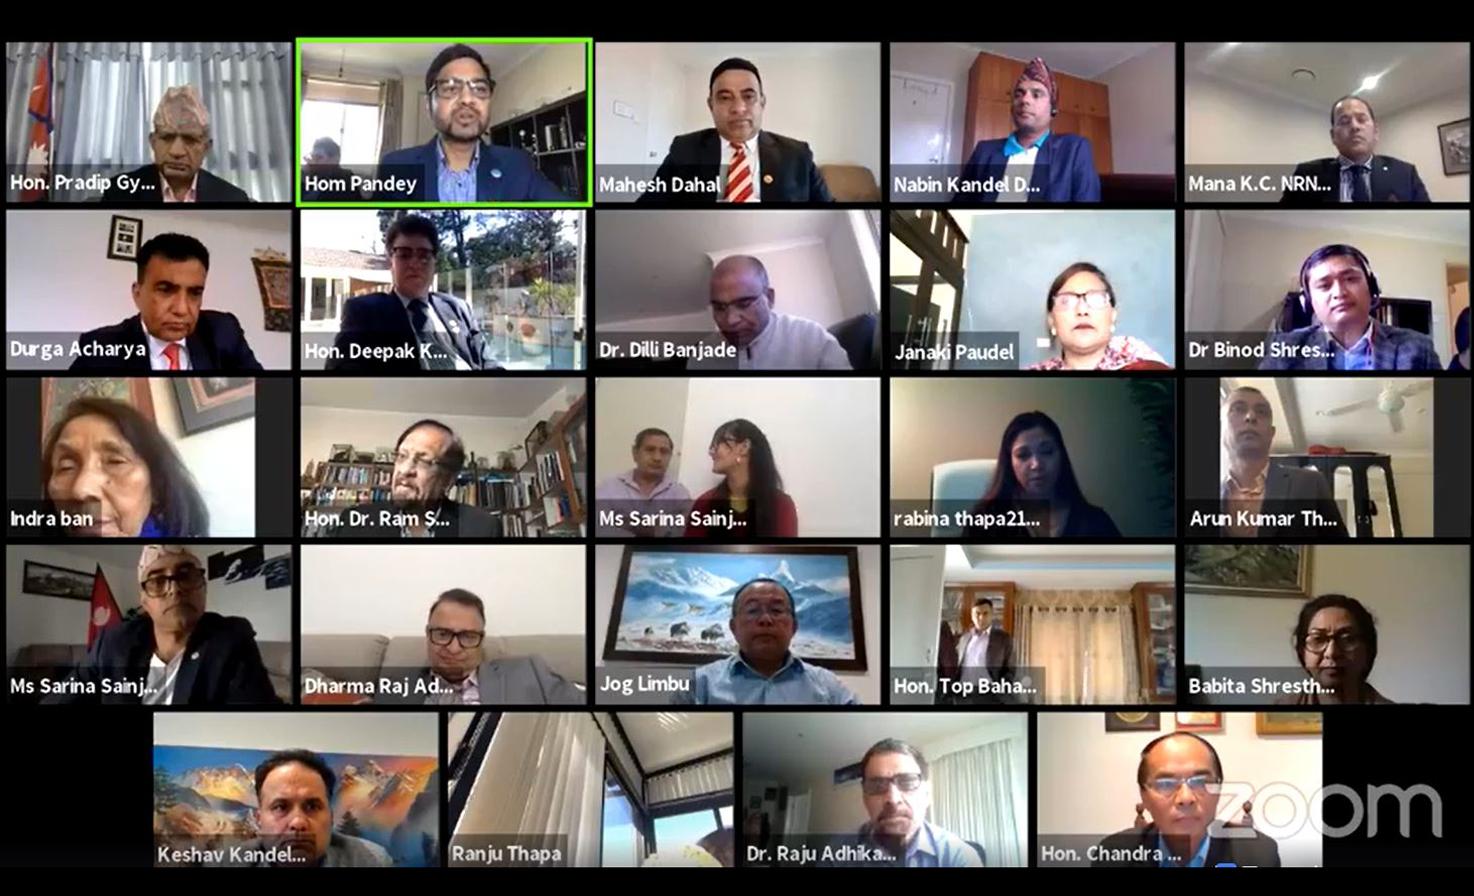 एनआरएनए ओसिनिया क्षेत्रीय बैठक र विज्ञ सम्मेलन सम्पन्न